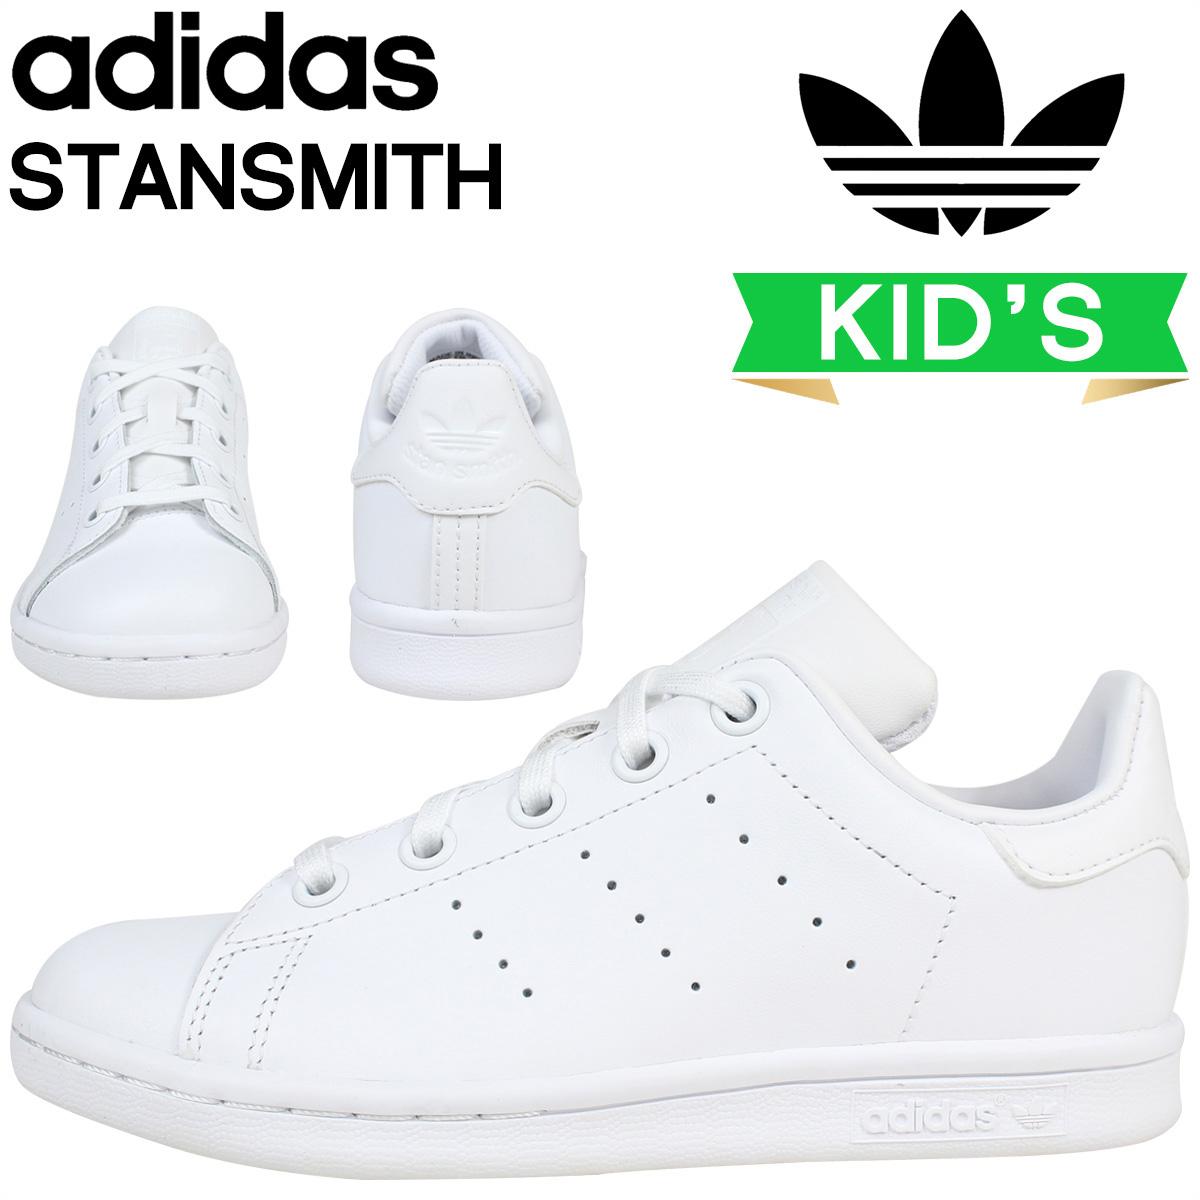 adidas stan smith kids adidas sneakers stan smith el c shoes white ba8388